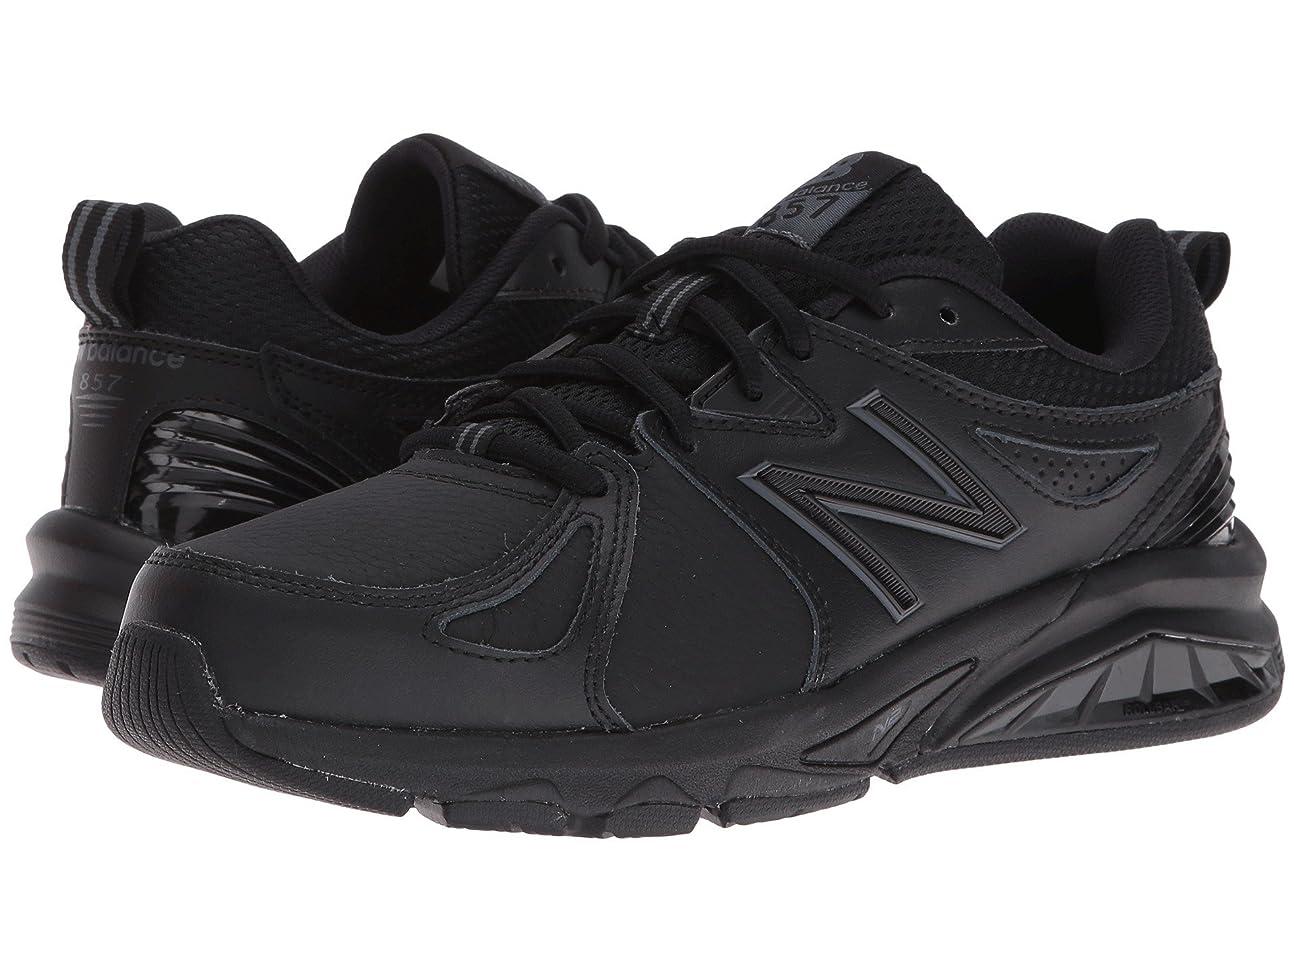 一般的に寝てる強度(ニューバランス) New Balance レディーストレーニング?競技用シューズ?靴 WX857v2 Black/Black 11 (28cm) 2A - Narrow